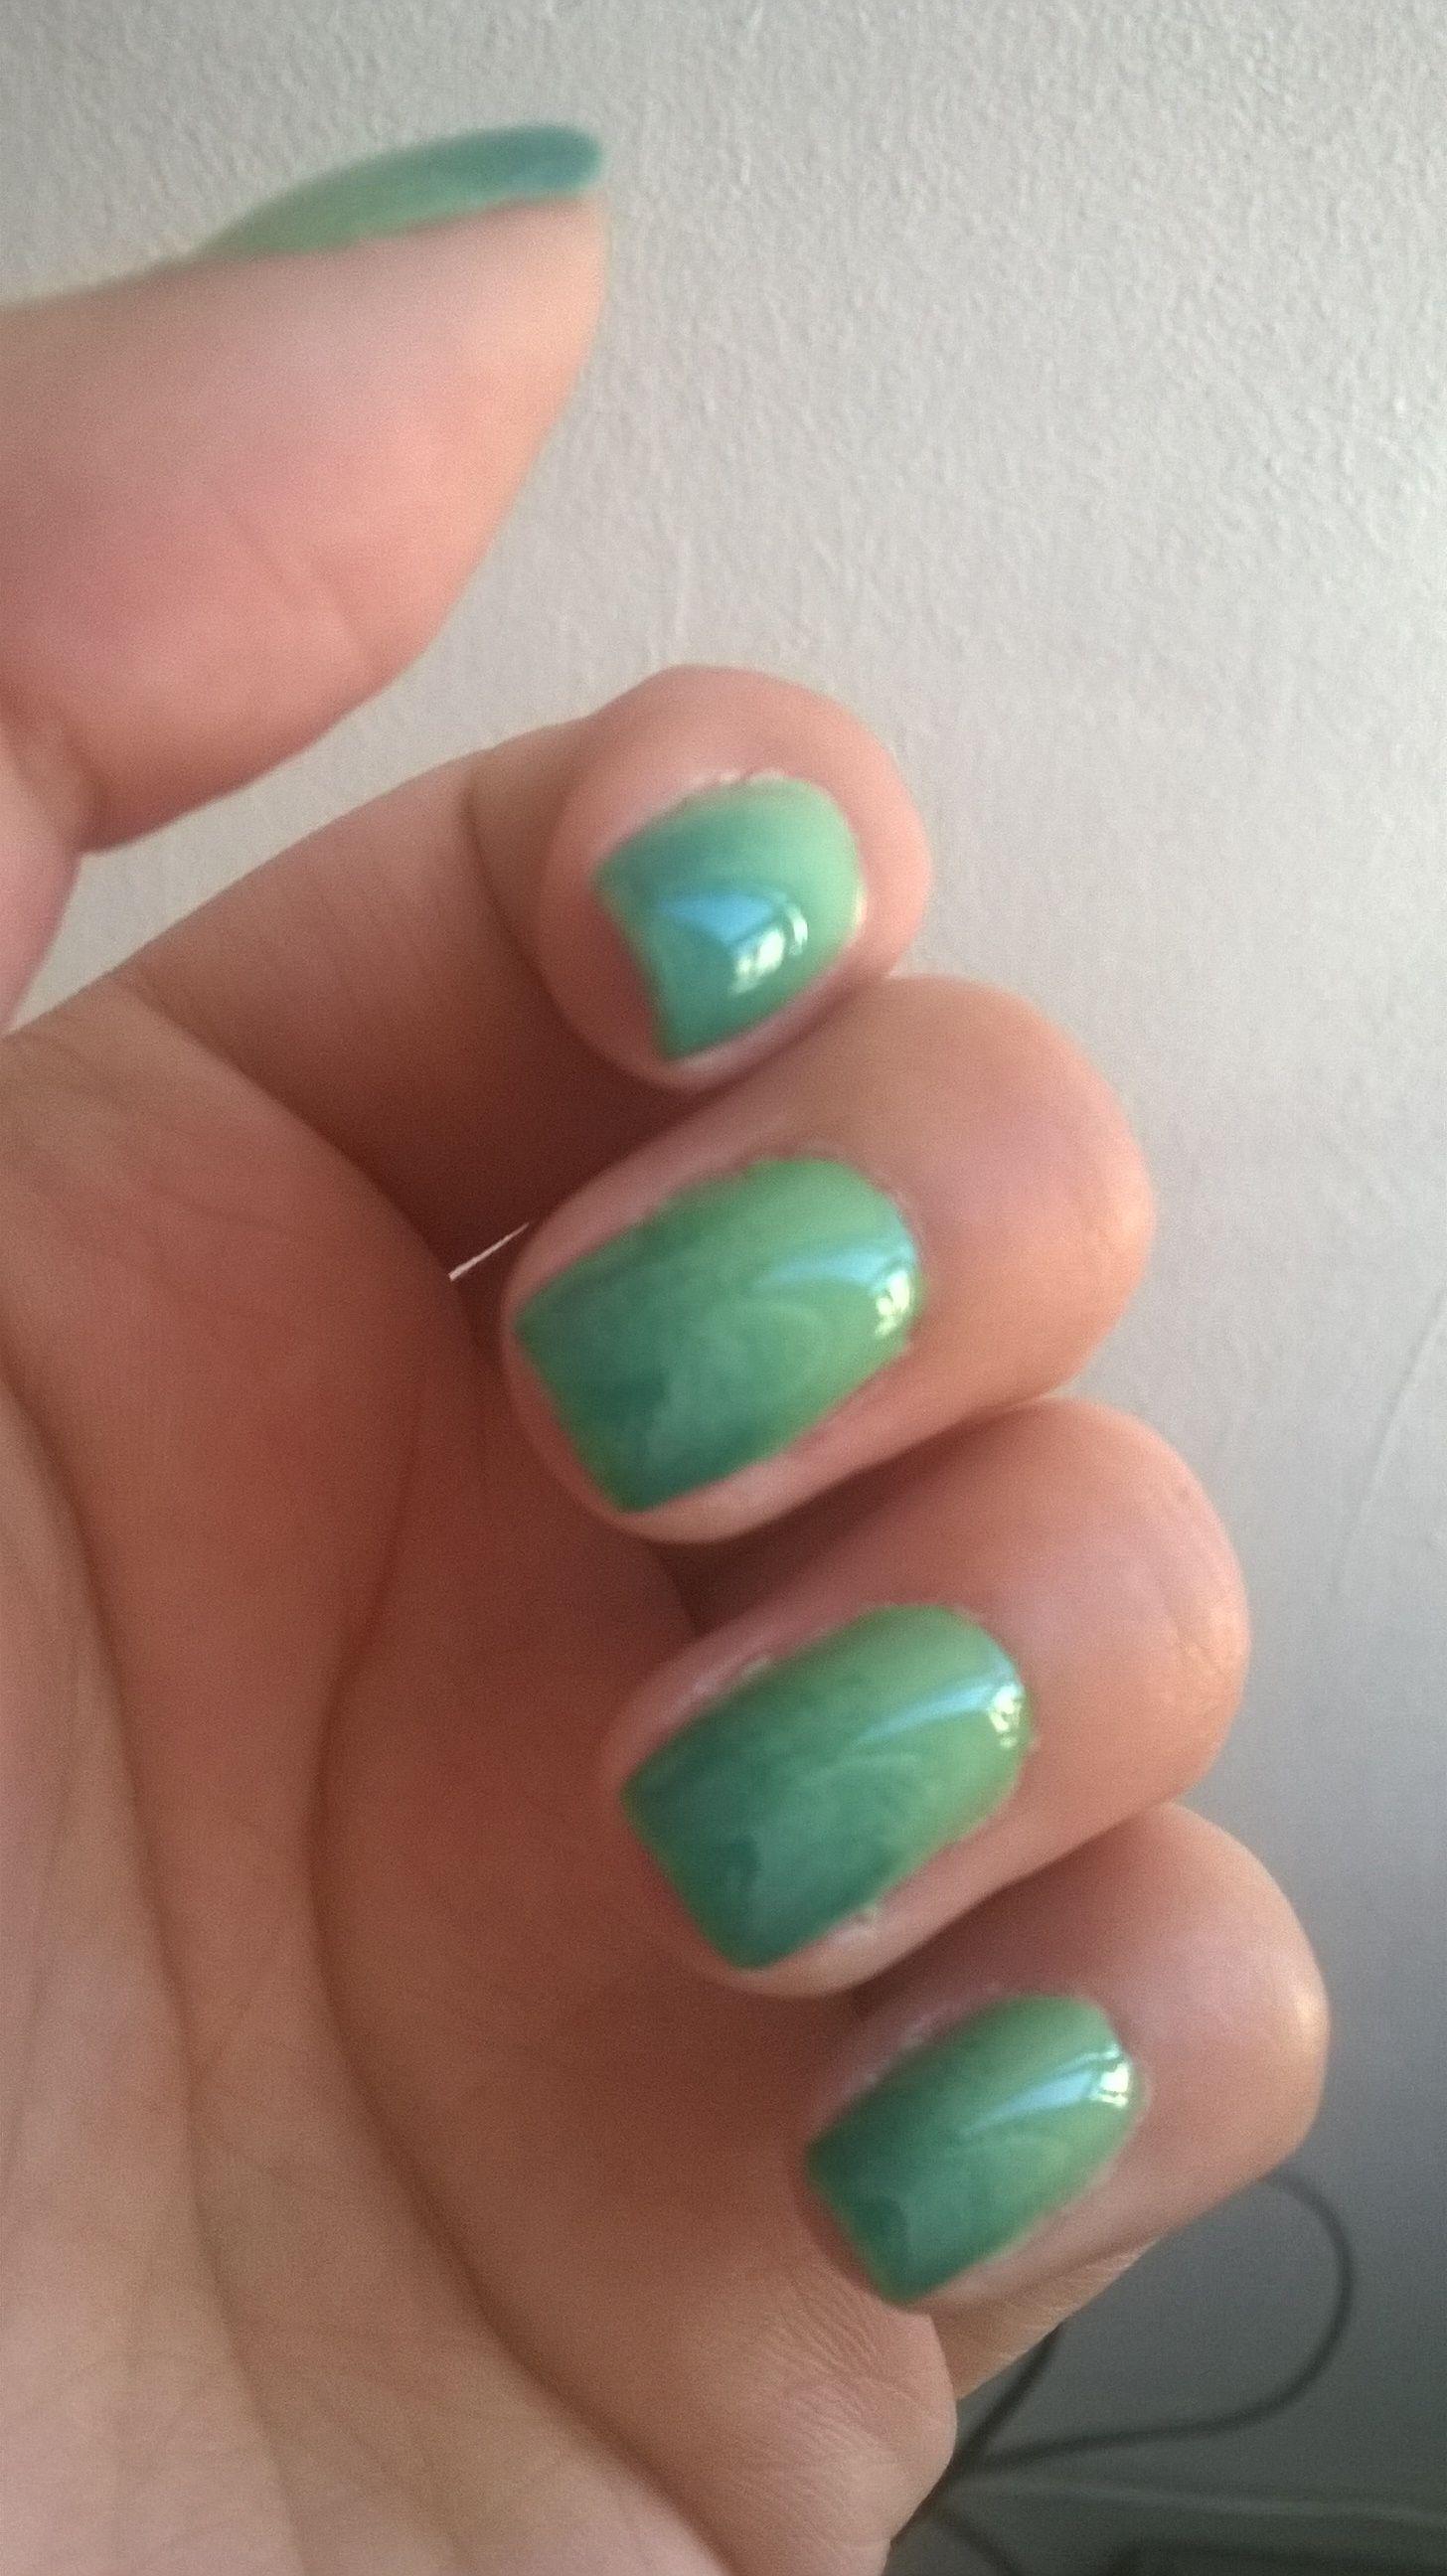 dark-light green nails | Nail designs | Pinterest | Green nail and Dark